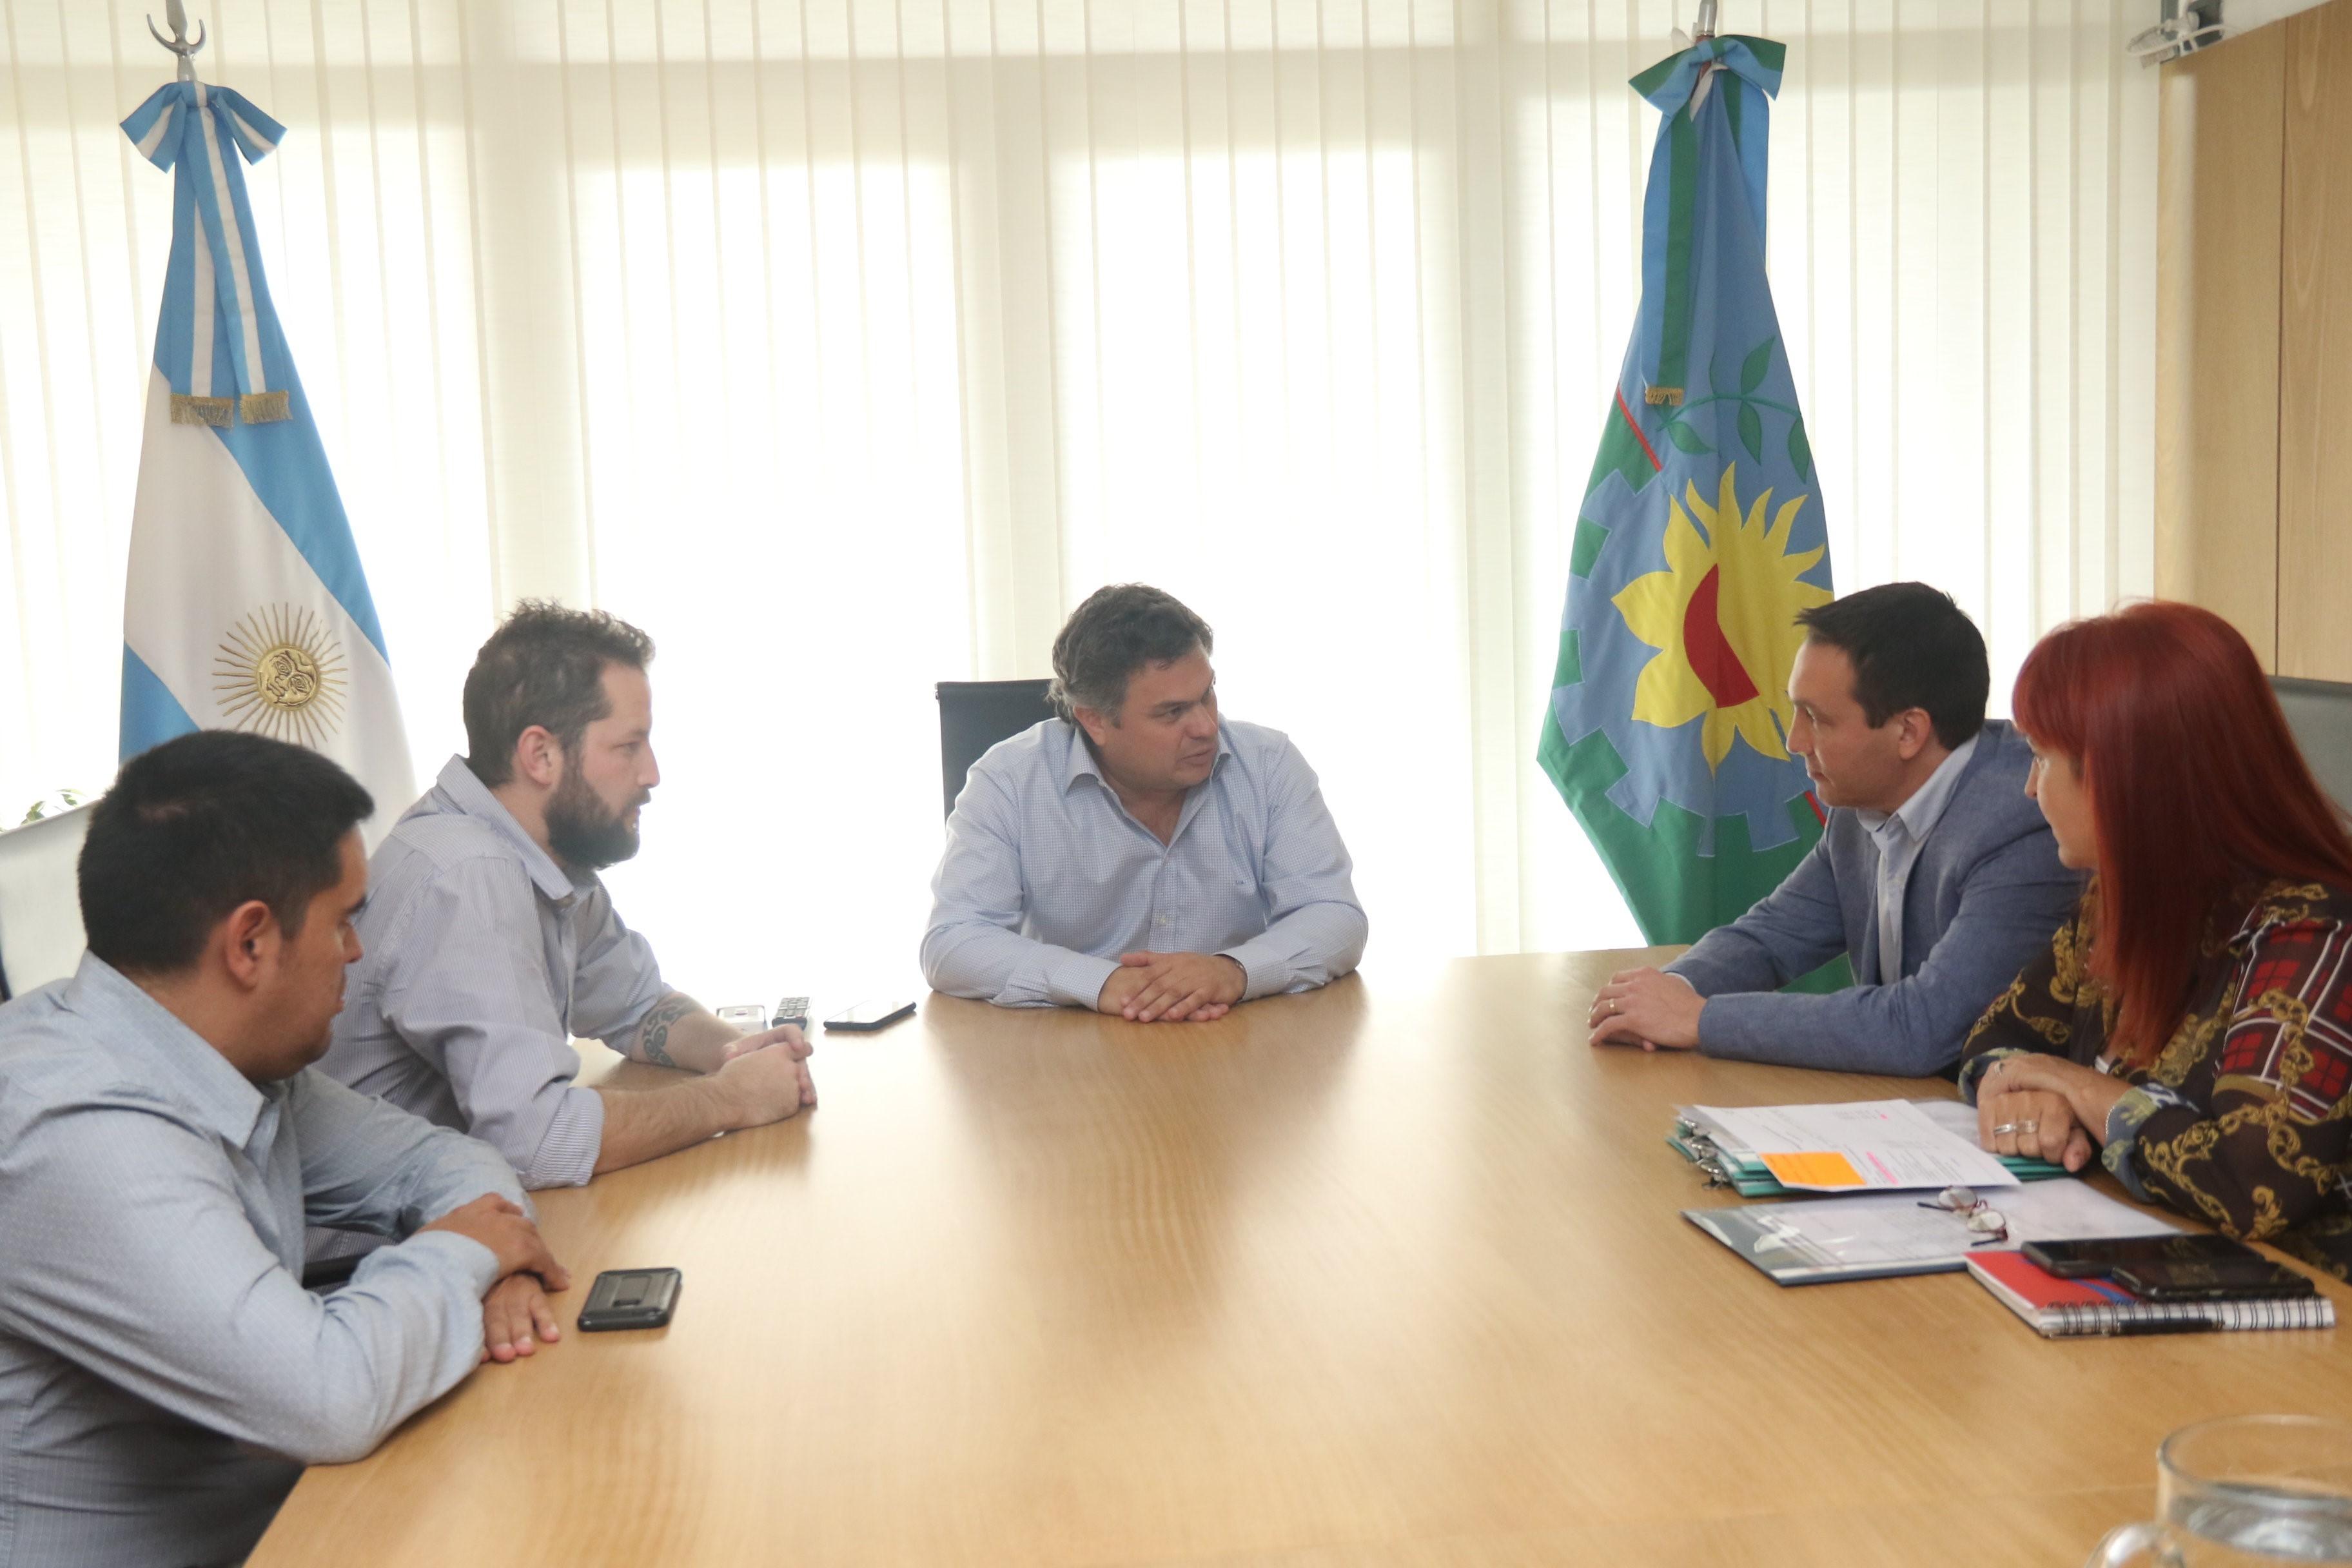 FLORENCIO VARELA: Andrés Watsón preocupado por conseguir más dinero de la Provincia de Bs. As.